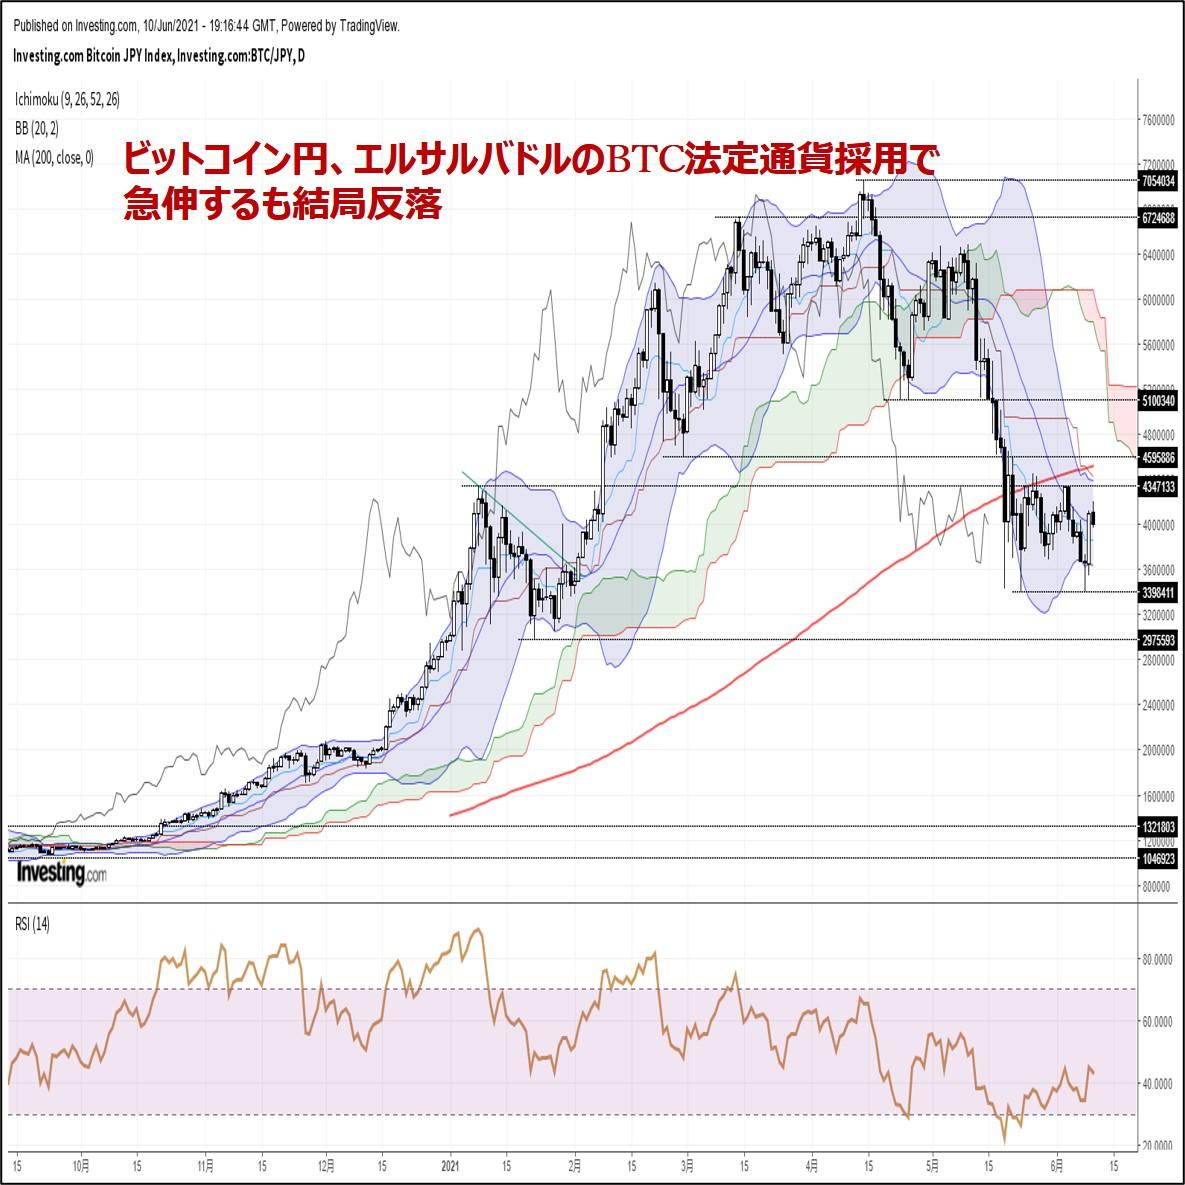 ビットコイン円、エルサルバドルのBTC法定通貨採用で急伸するも結局反落